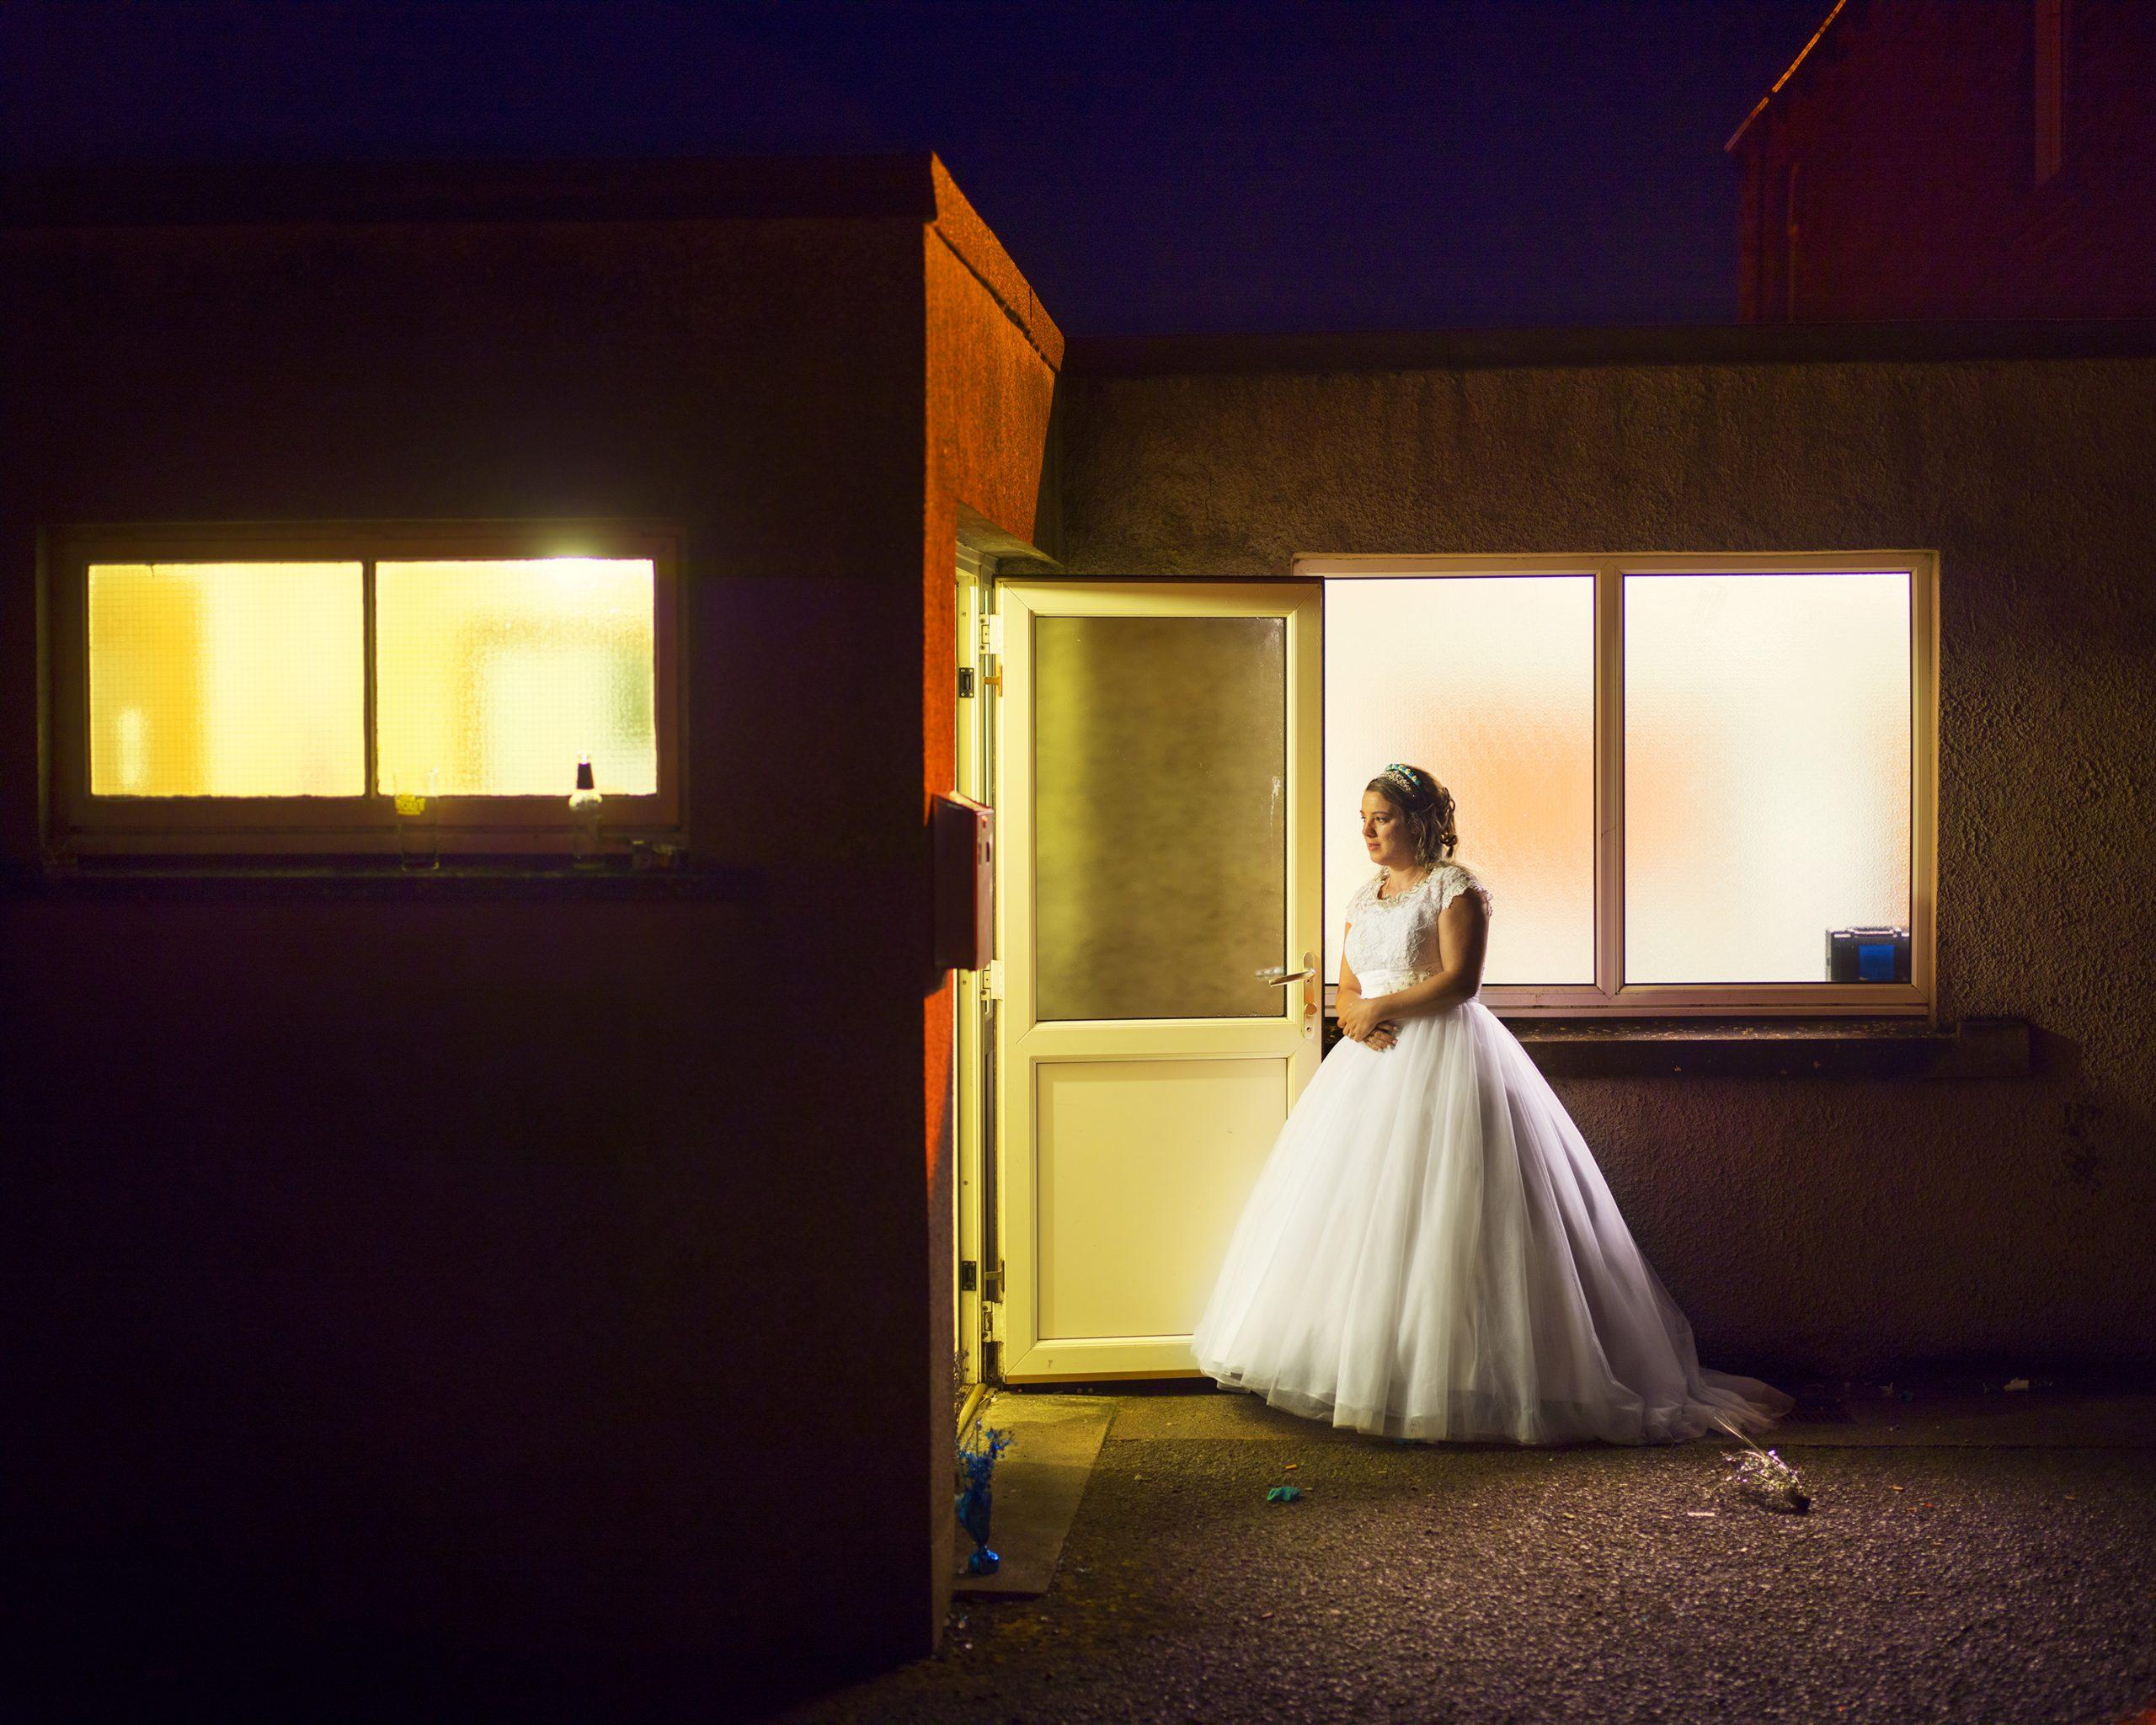 punkt-valogatas-a-sony-world-photography-awards-idei-dijnyertes-kepeibol-10-scaled.jpg